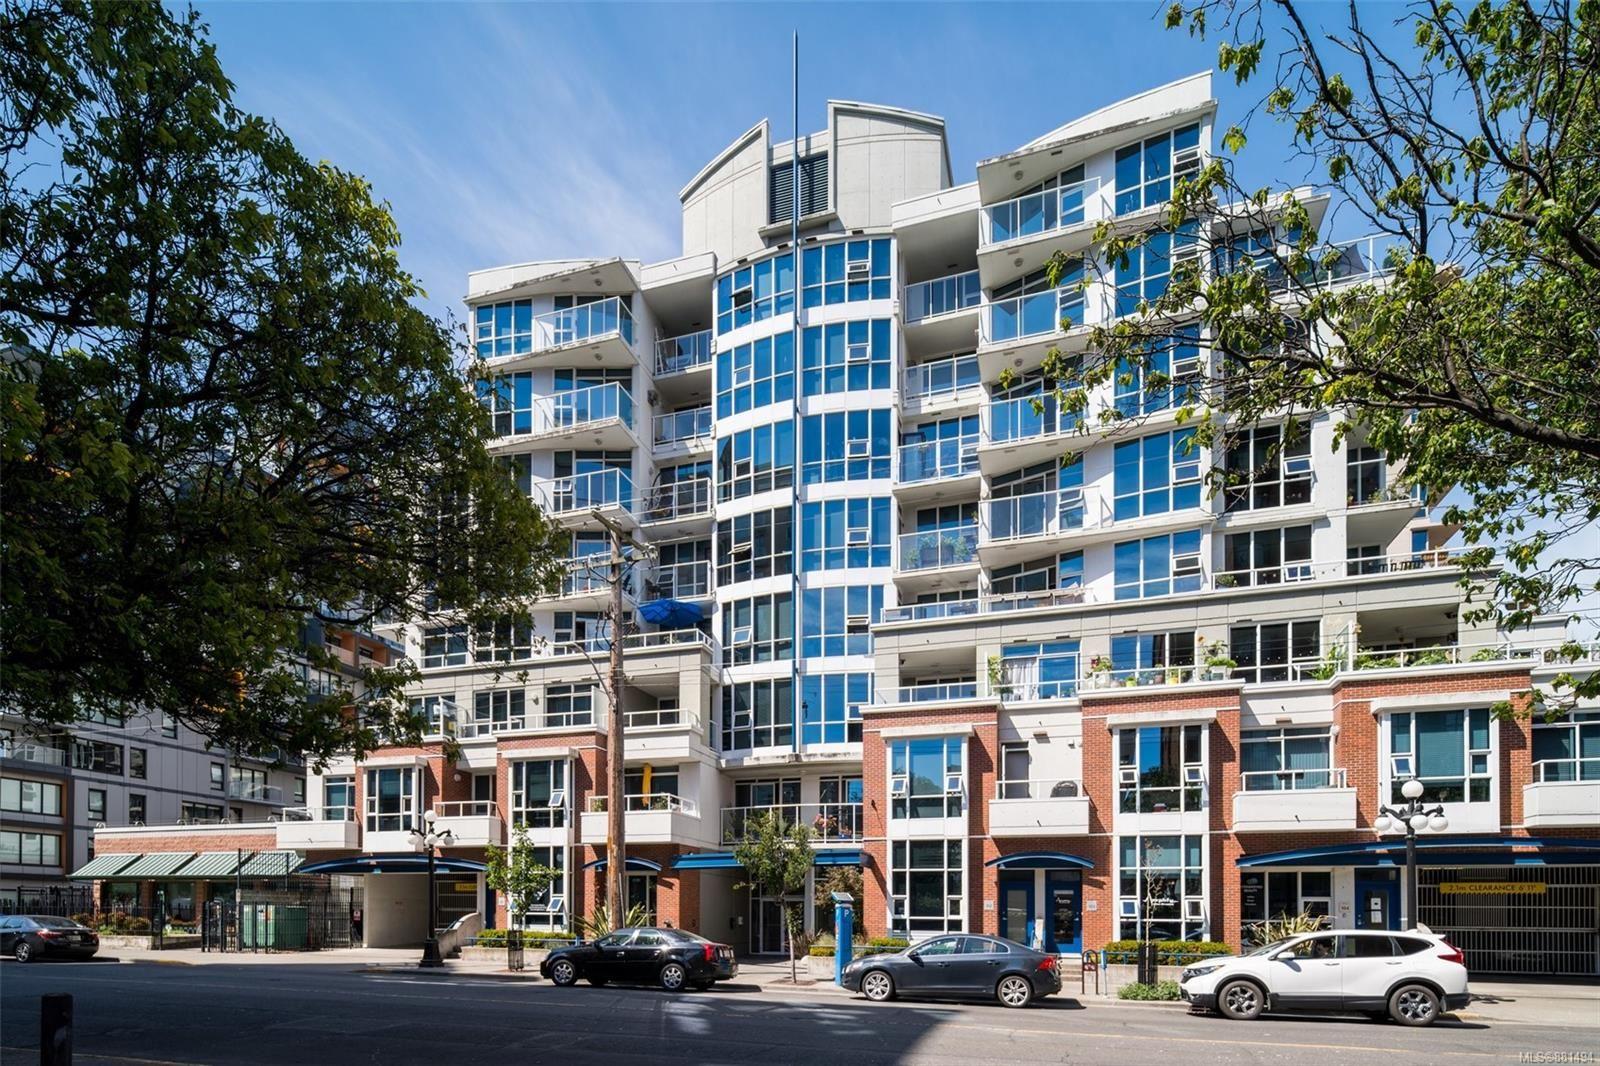 Main Photo: 608 860 View St in Victoria: Vi Downtown Condo for sale : MLS®# 881494